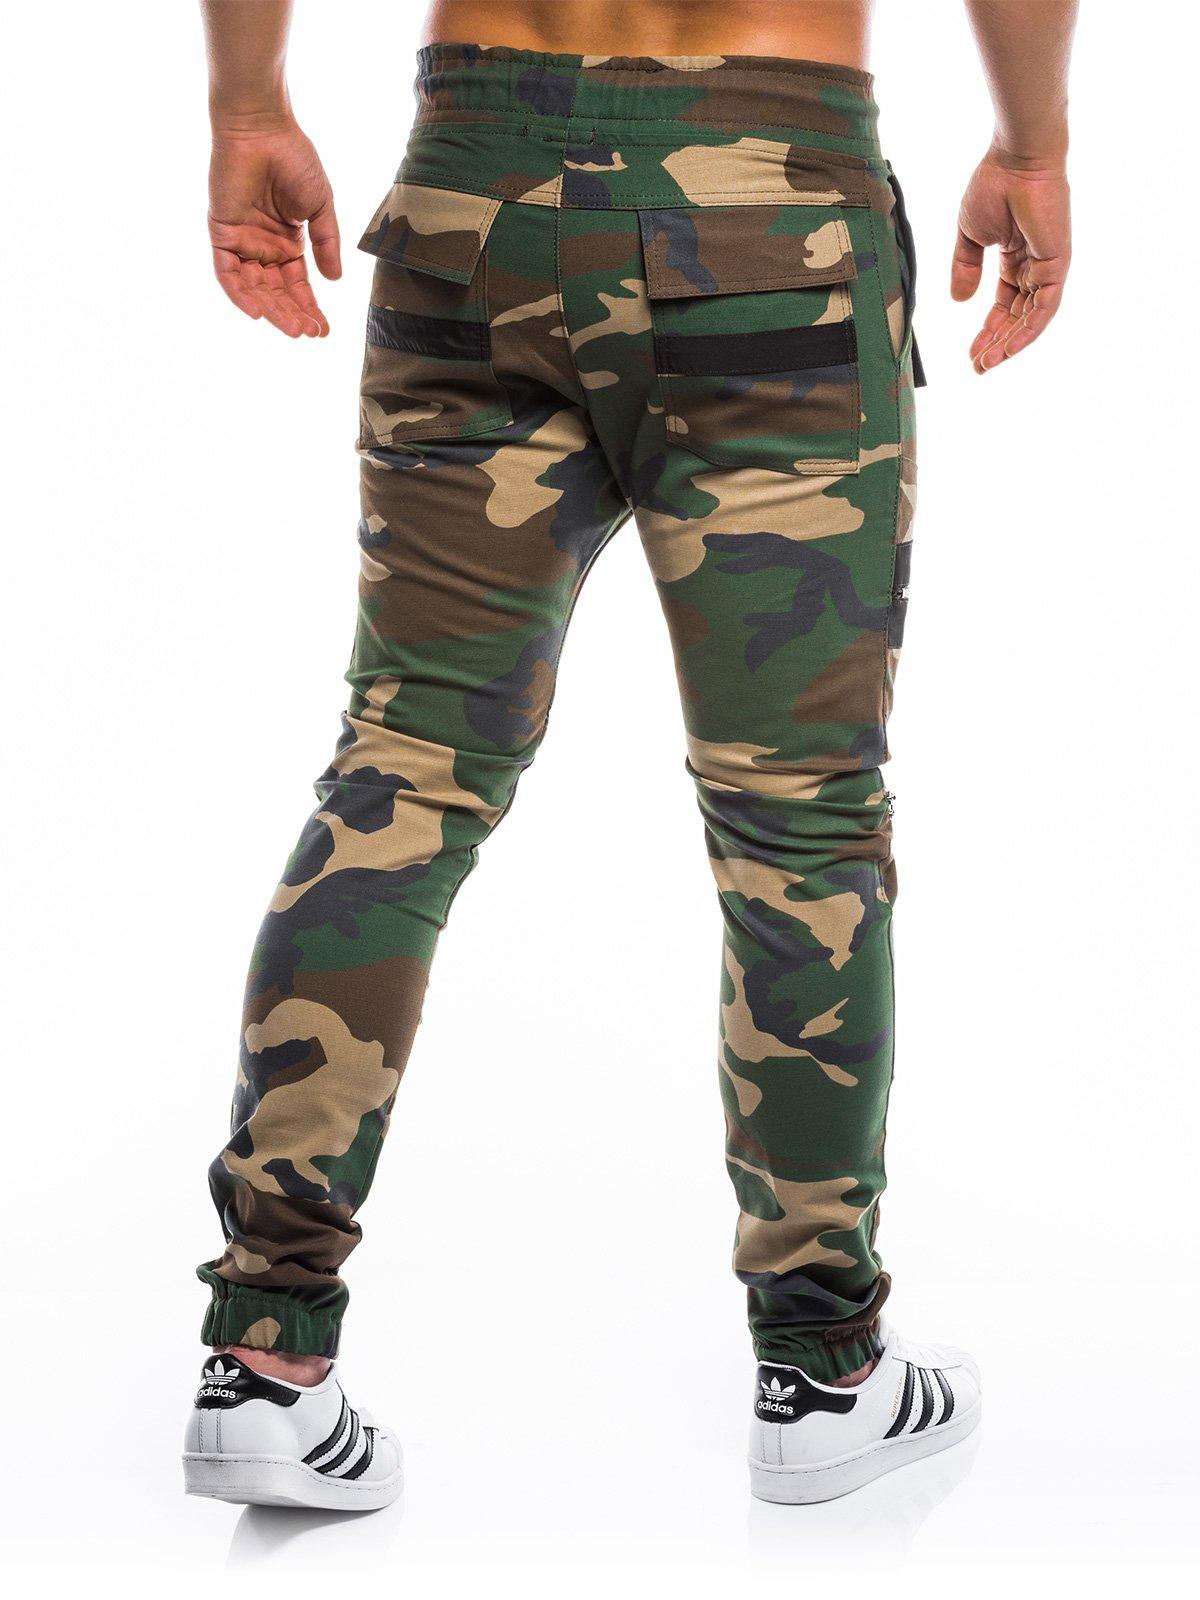 0ae9f221 Мужские брюки джоггеры P708 - зелёные/камуфляж зелёный    камуфляж ...